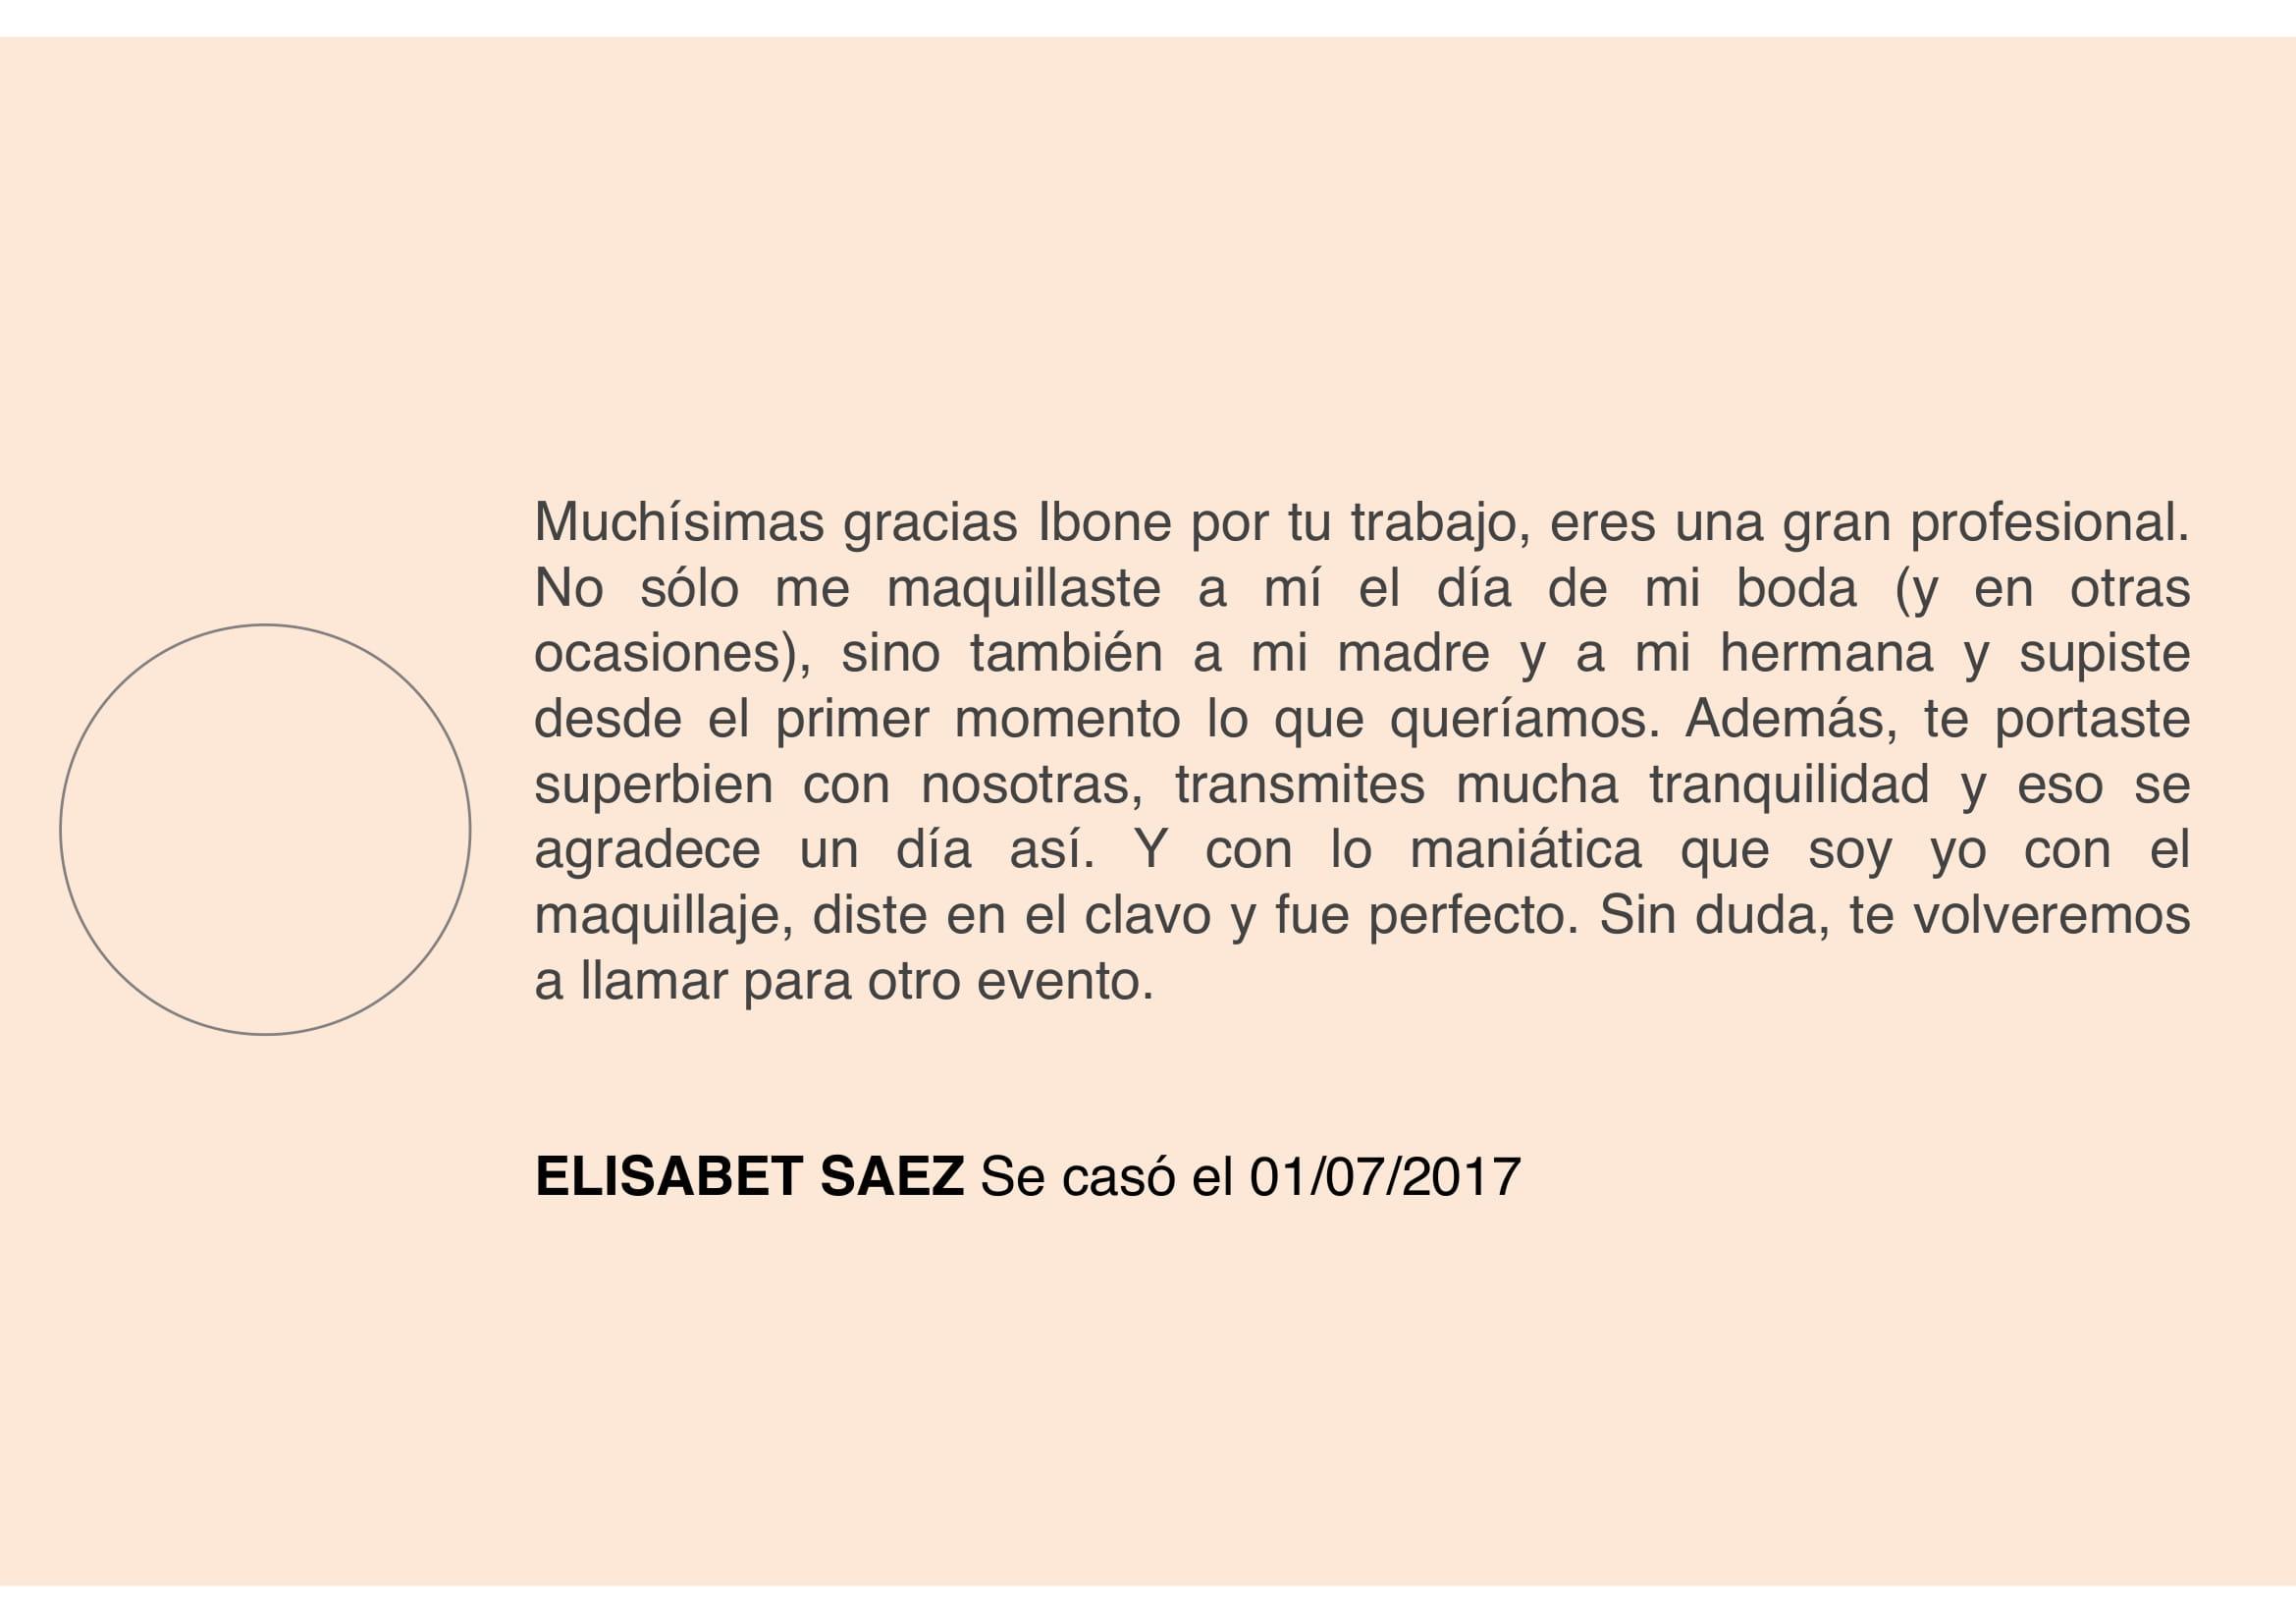 Recomendación Elisabet PDF-1